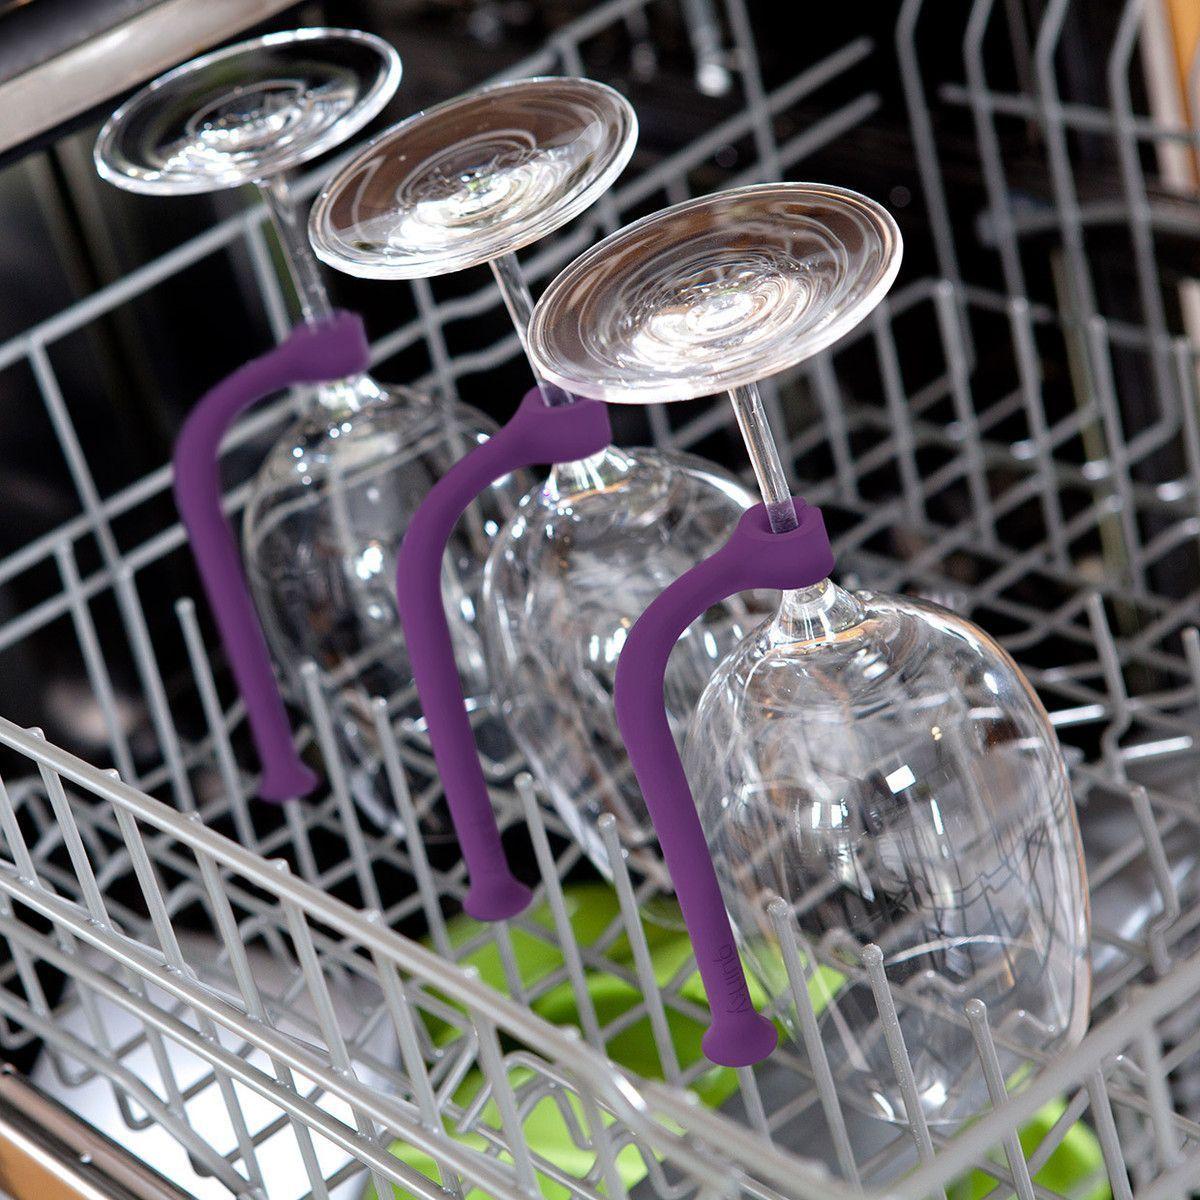 Silicone Wine Glass Holder for Dishwasher Set #inspireuplift explore Pinterest